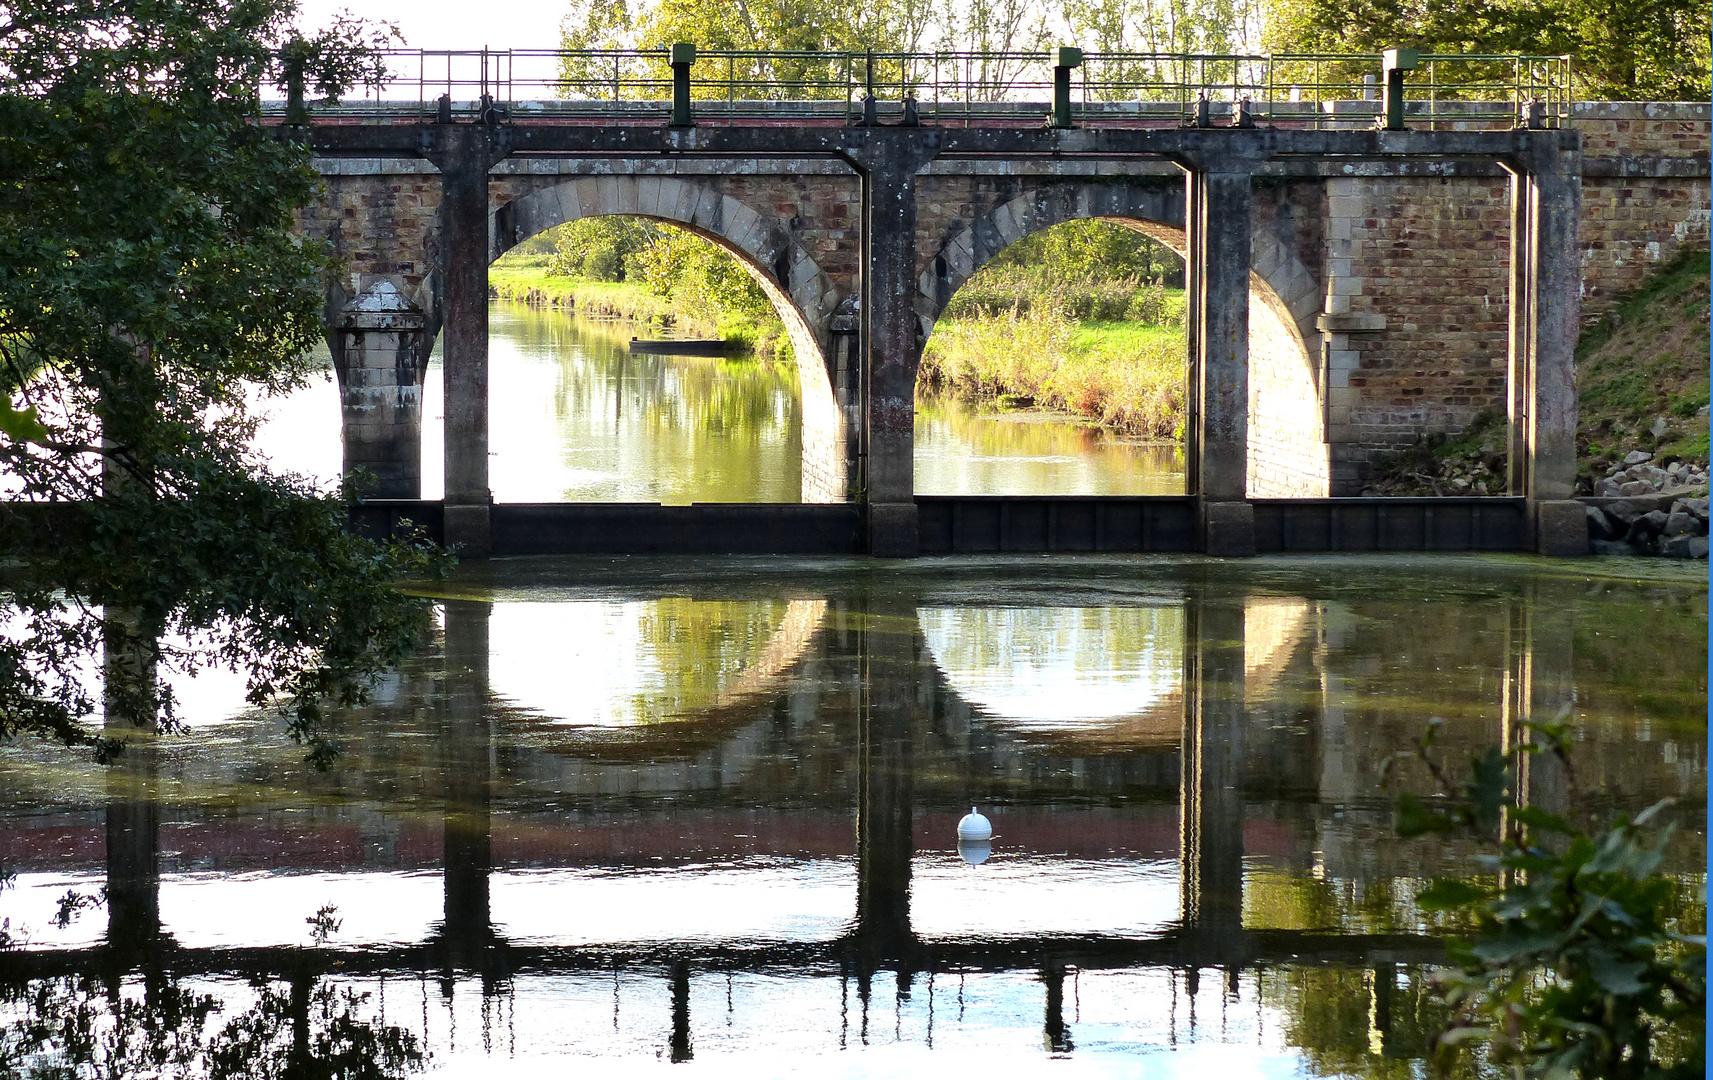 Reflets sur l'Acheneau, une rivière du pays nantais.